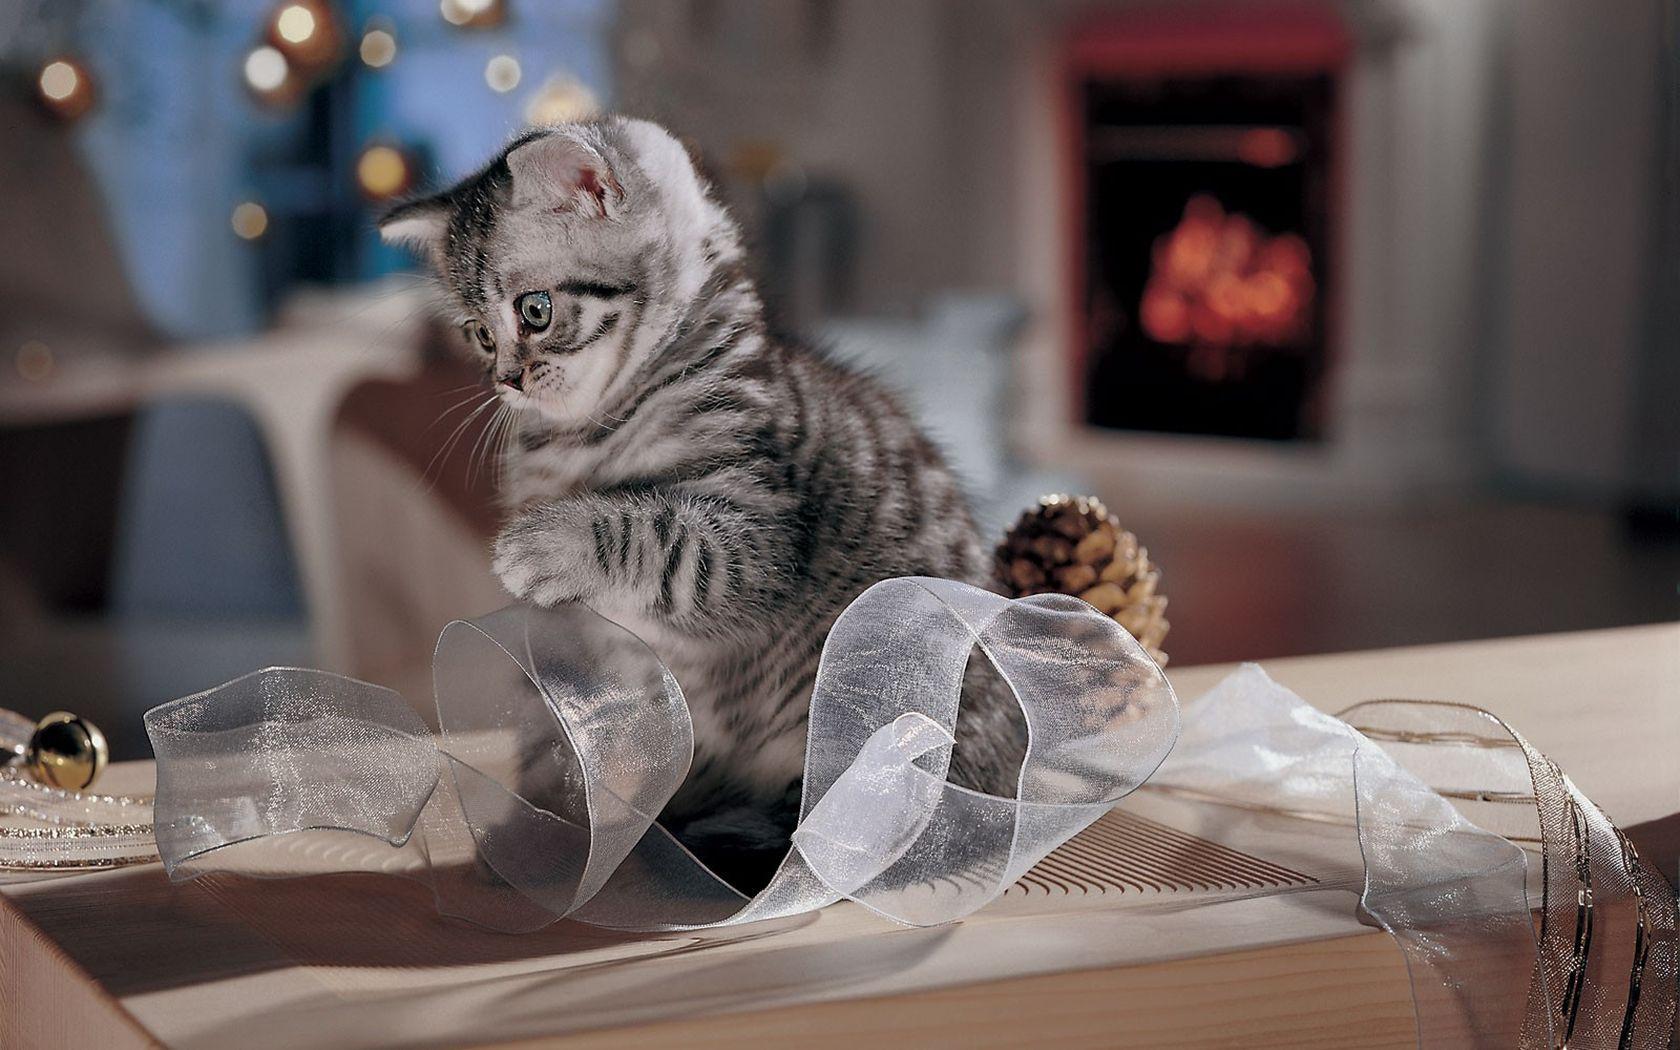 этого новые прикольные картинки котов хроническом